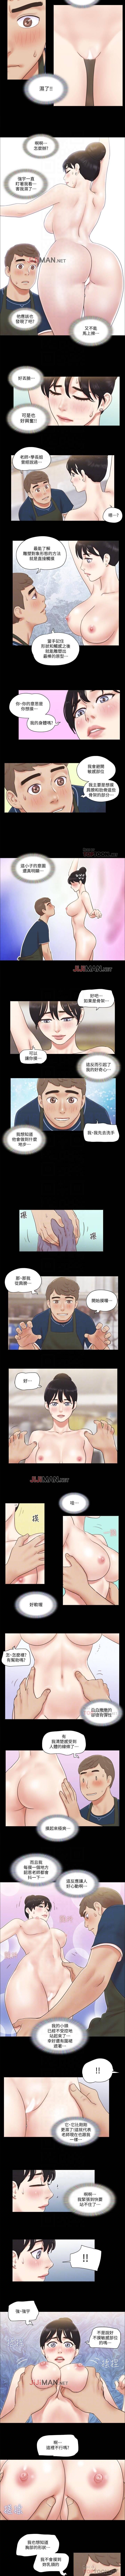 【周五连载】协议换爱(作者:遠德) 第1~57话 218